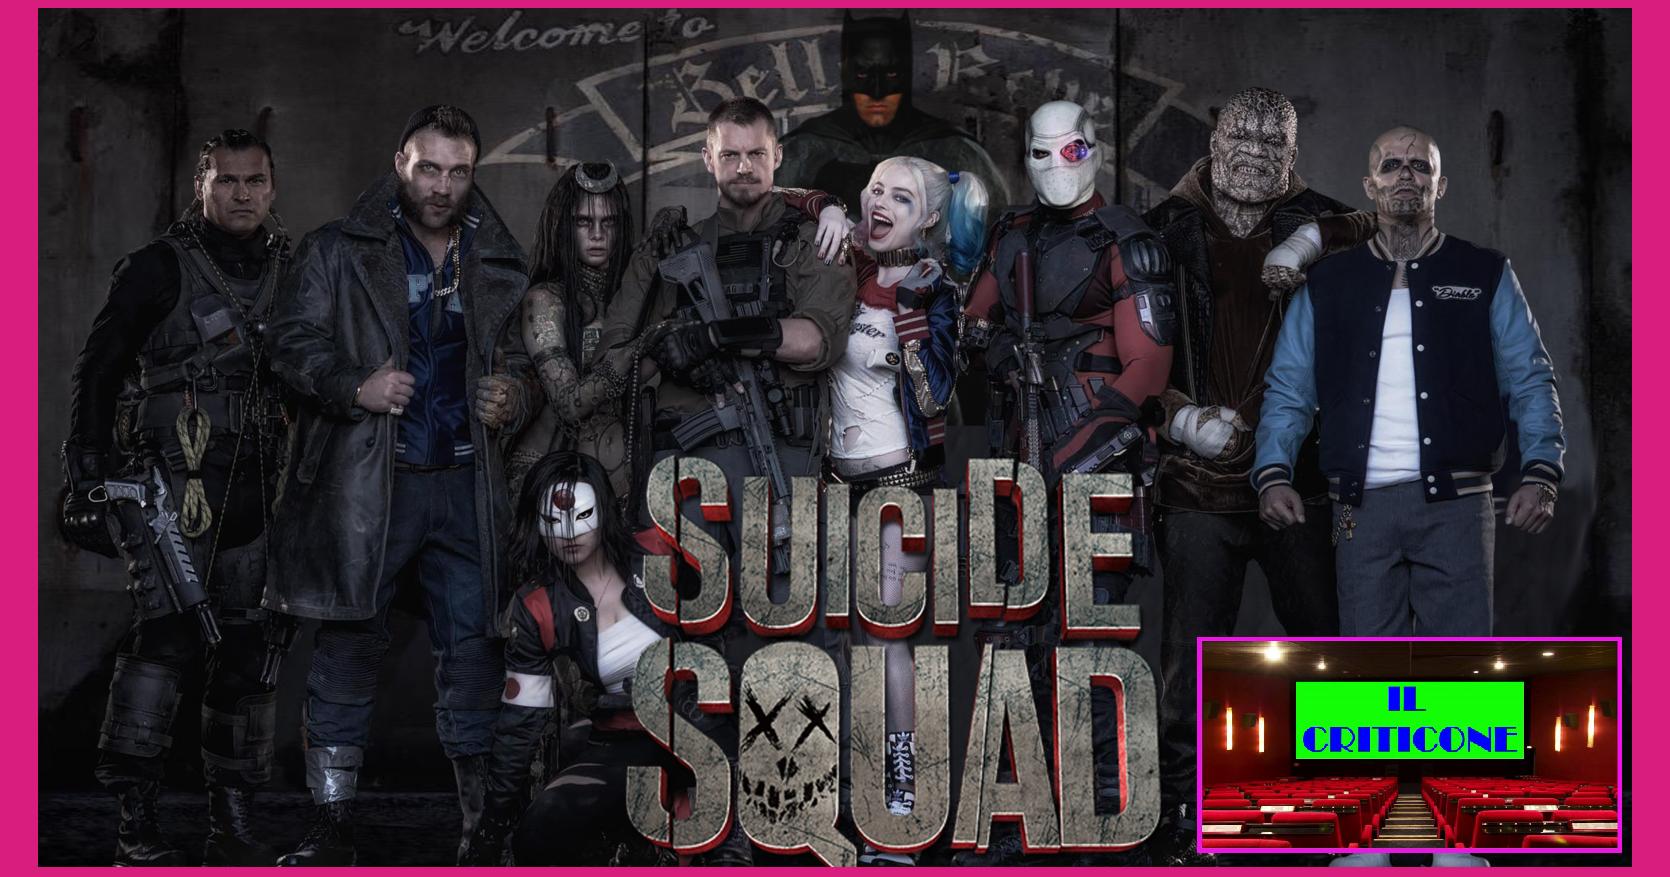 Grande anteprima ieri sera a Roma per Suicide Squad, il nuovo blockbuster targato DC Comics e Warner che arriverà nelle sale italiane il 13 agosto, sfidando il caldo e gli […]